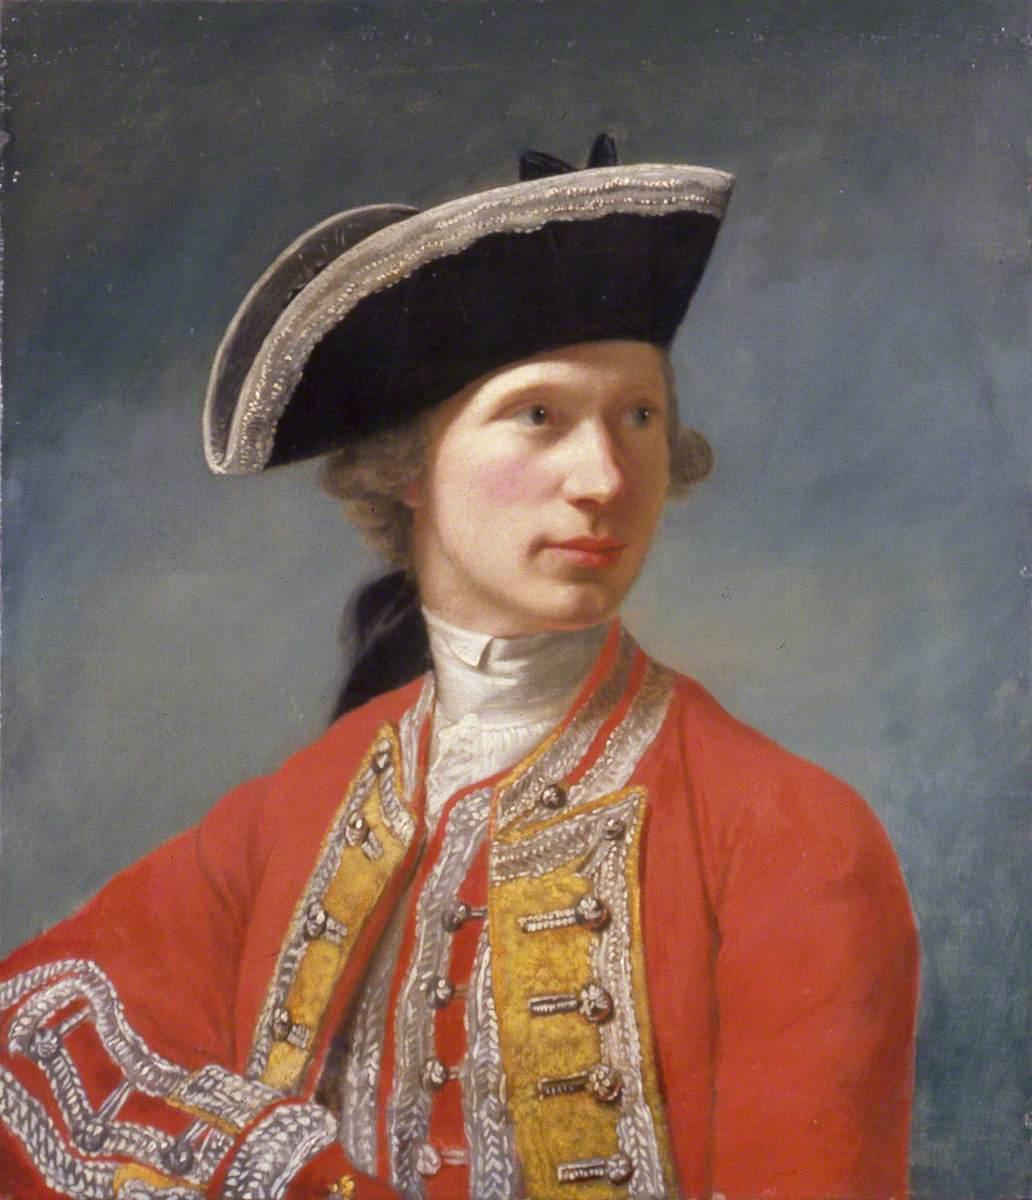 Captain William Baillie